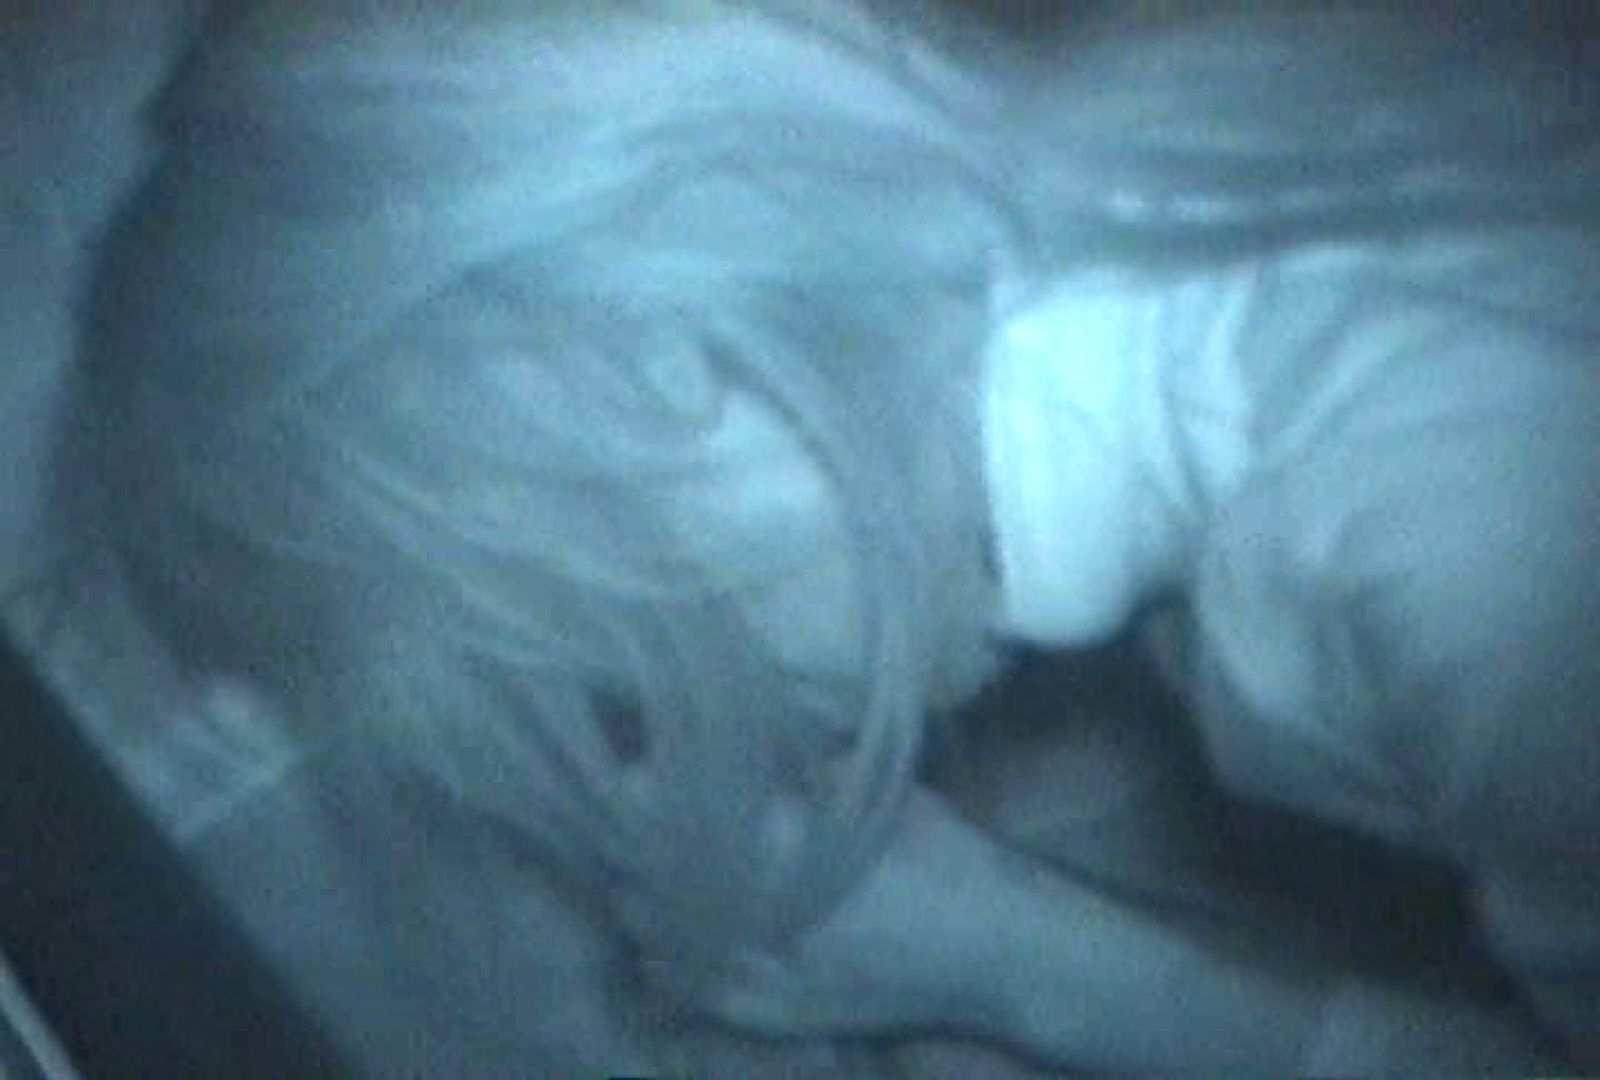 充血監督の深夜の運動会Vol.77 全裸 盗撮セックス無修正動画無料 90連発 82